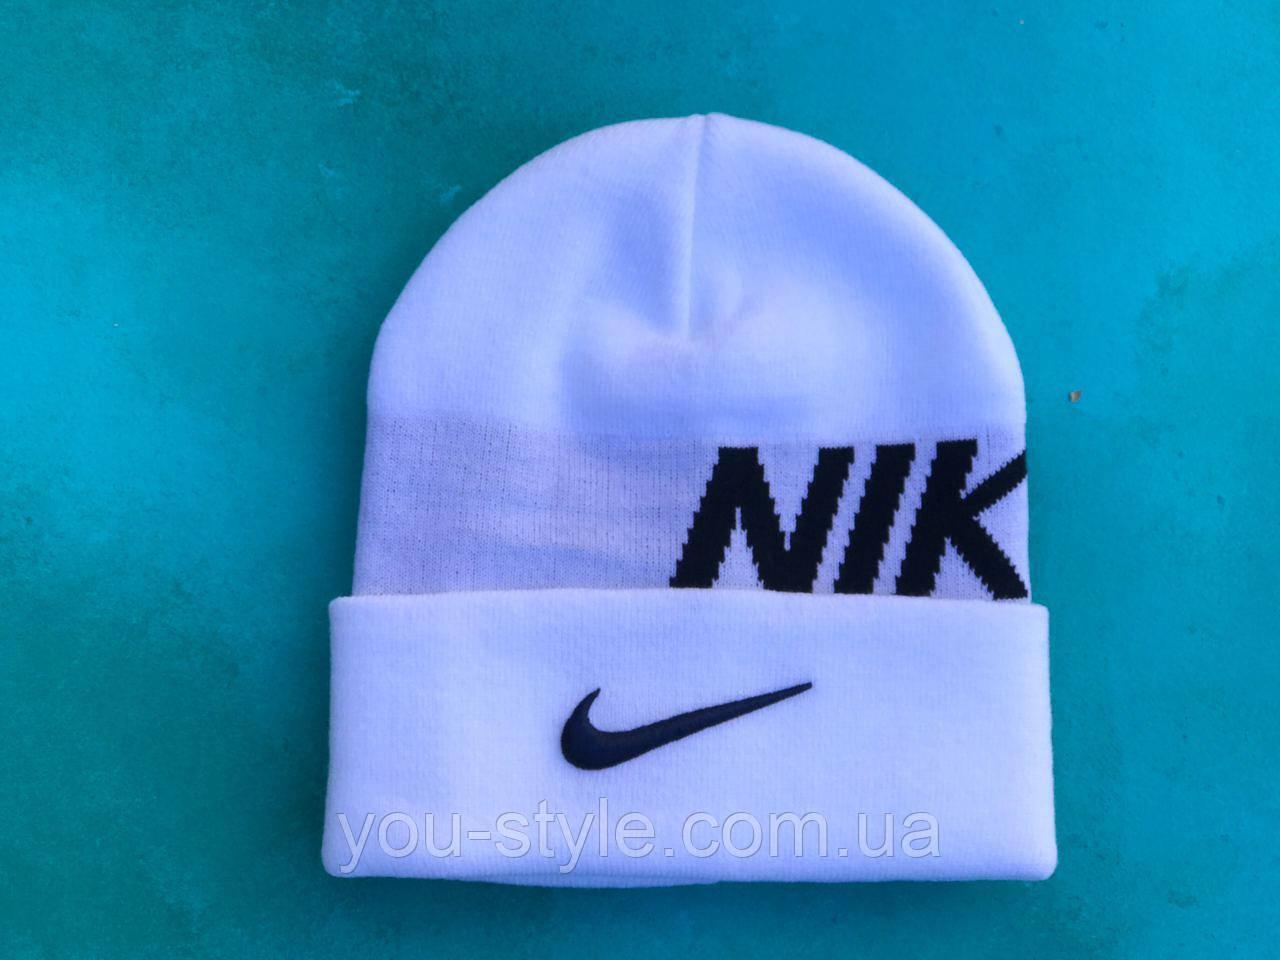 Шапка Nike  / шапка найк/ шапка женская/шапка мужская/белый